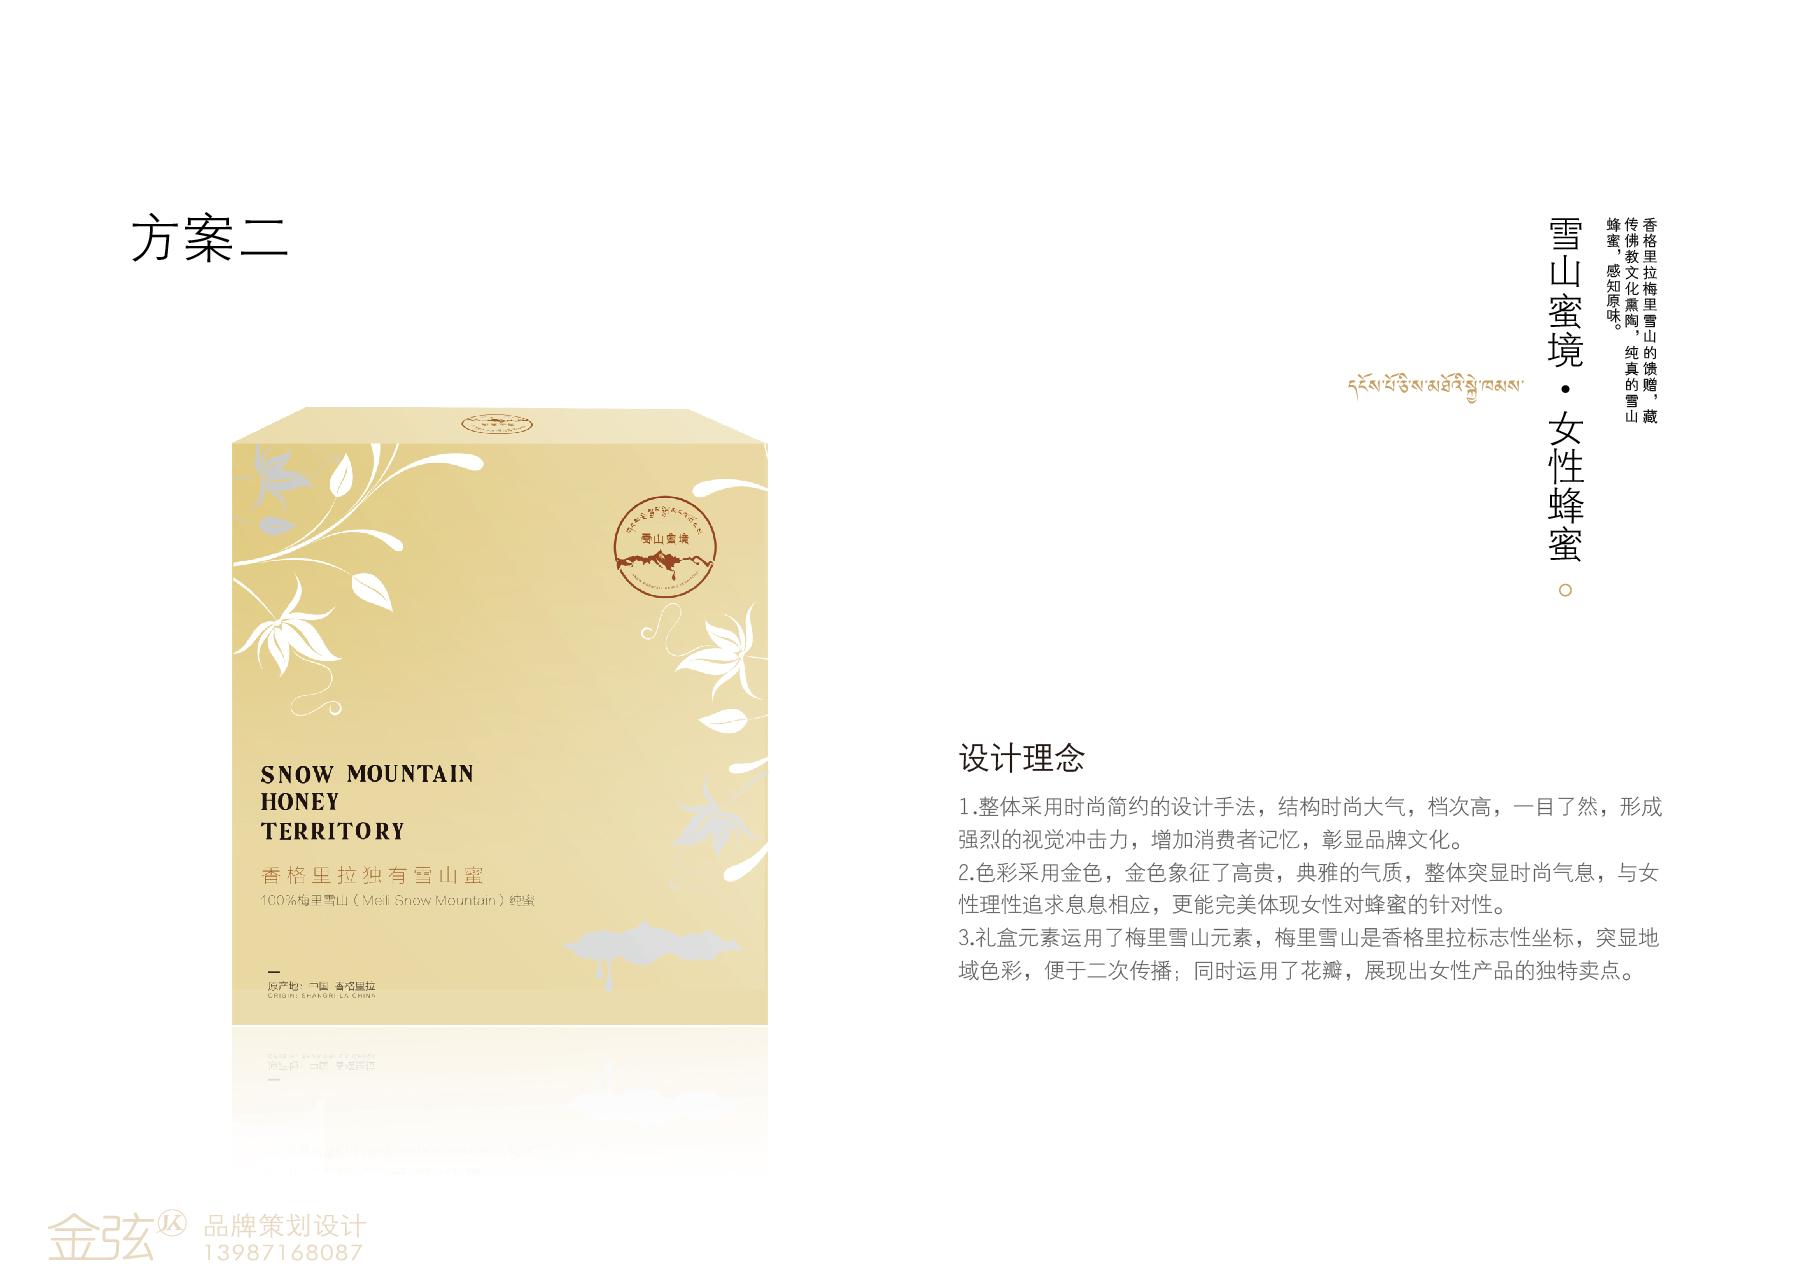 品吉 雪山蜜境女性蜂蜜包装展示 包装设计 客户资料  第3张